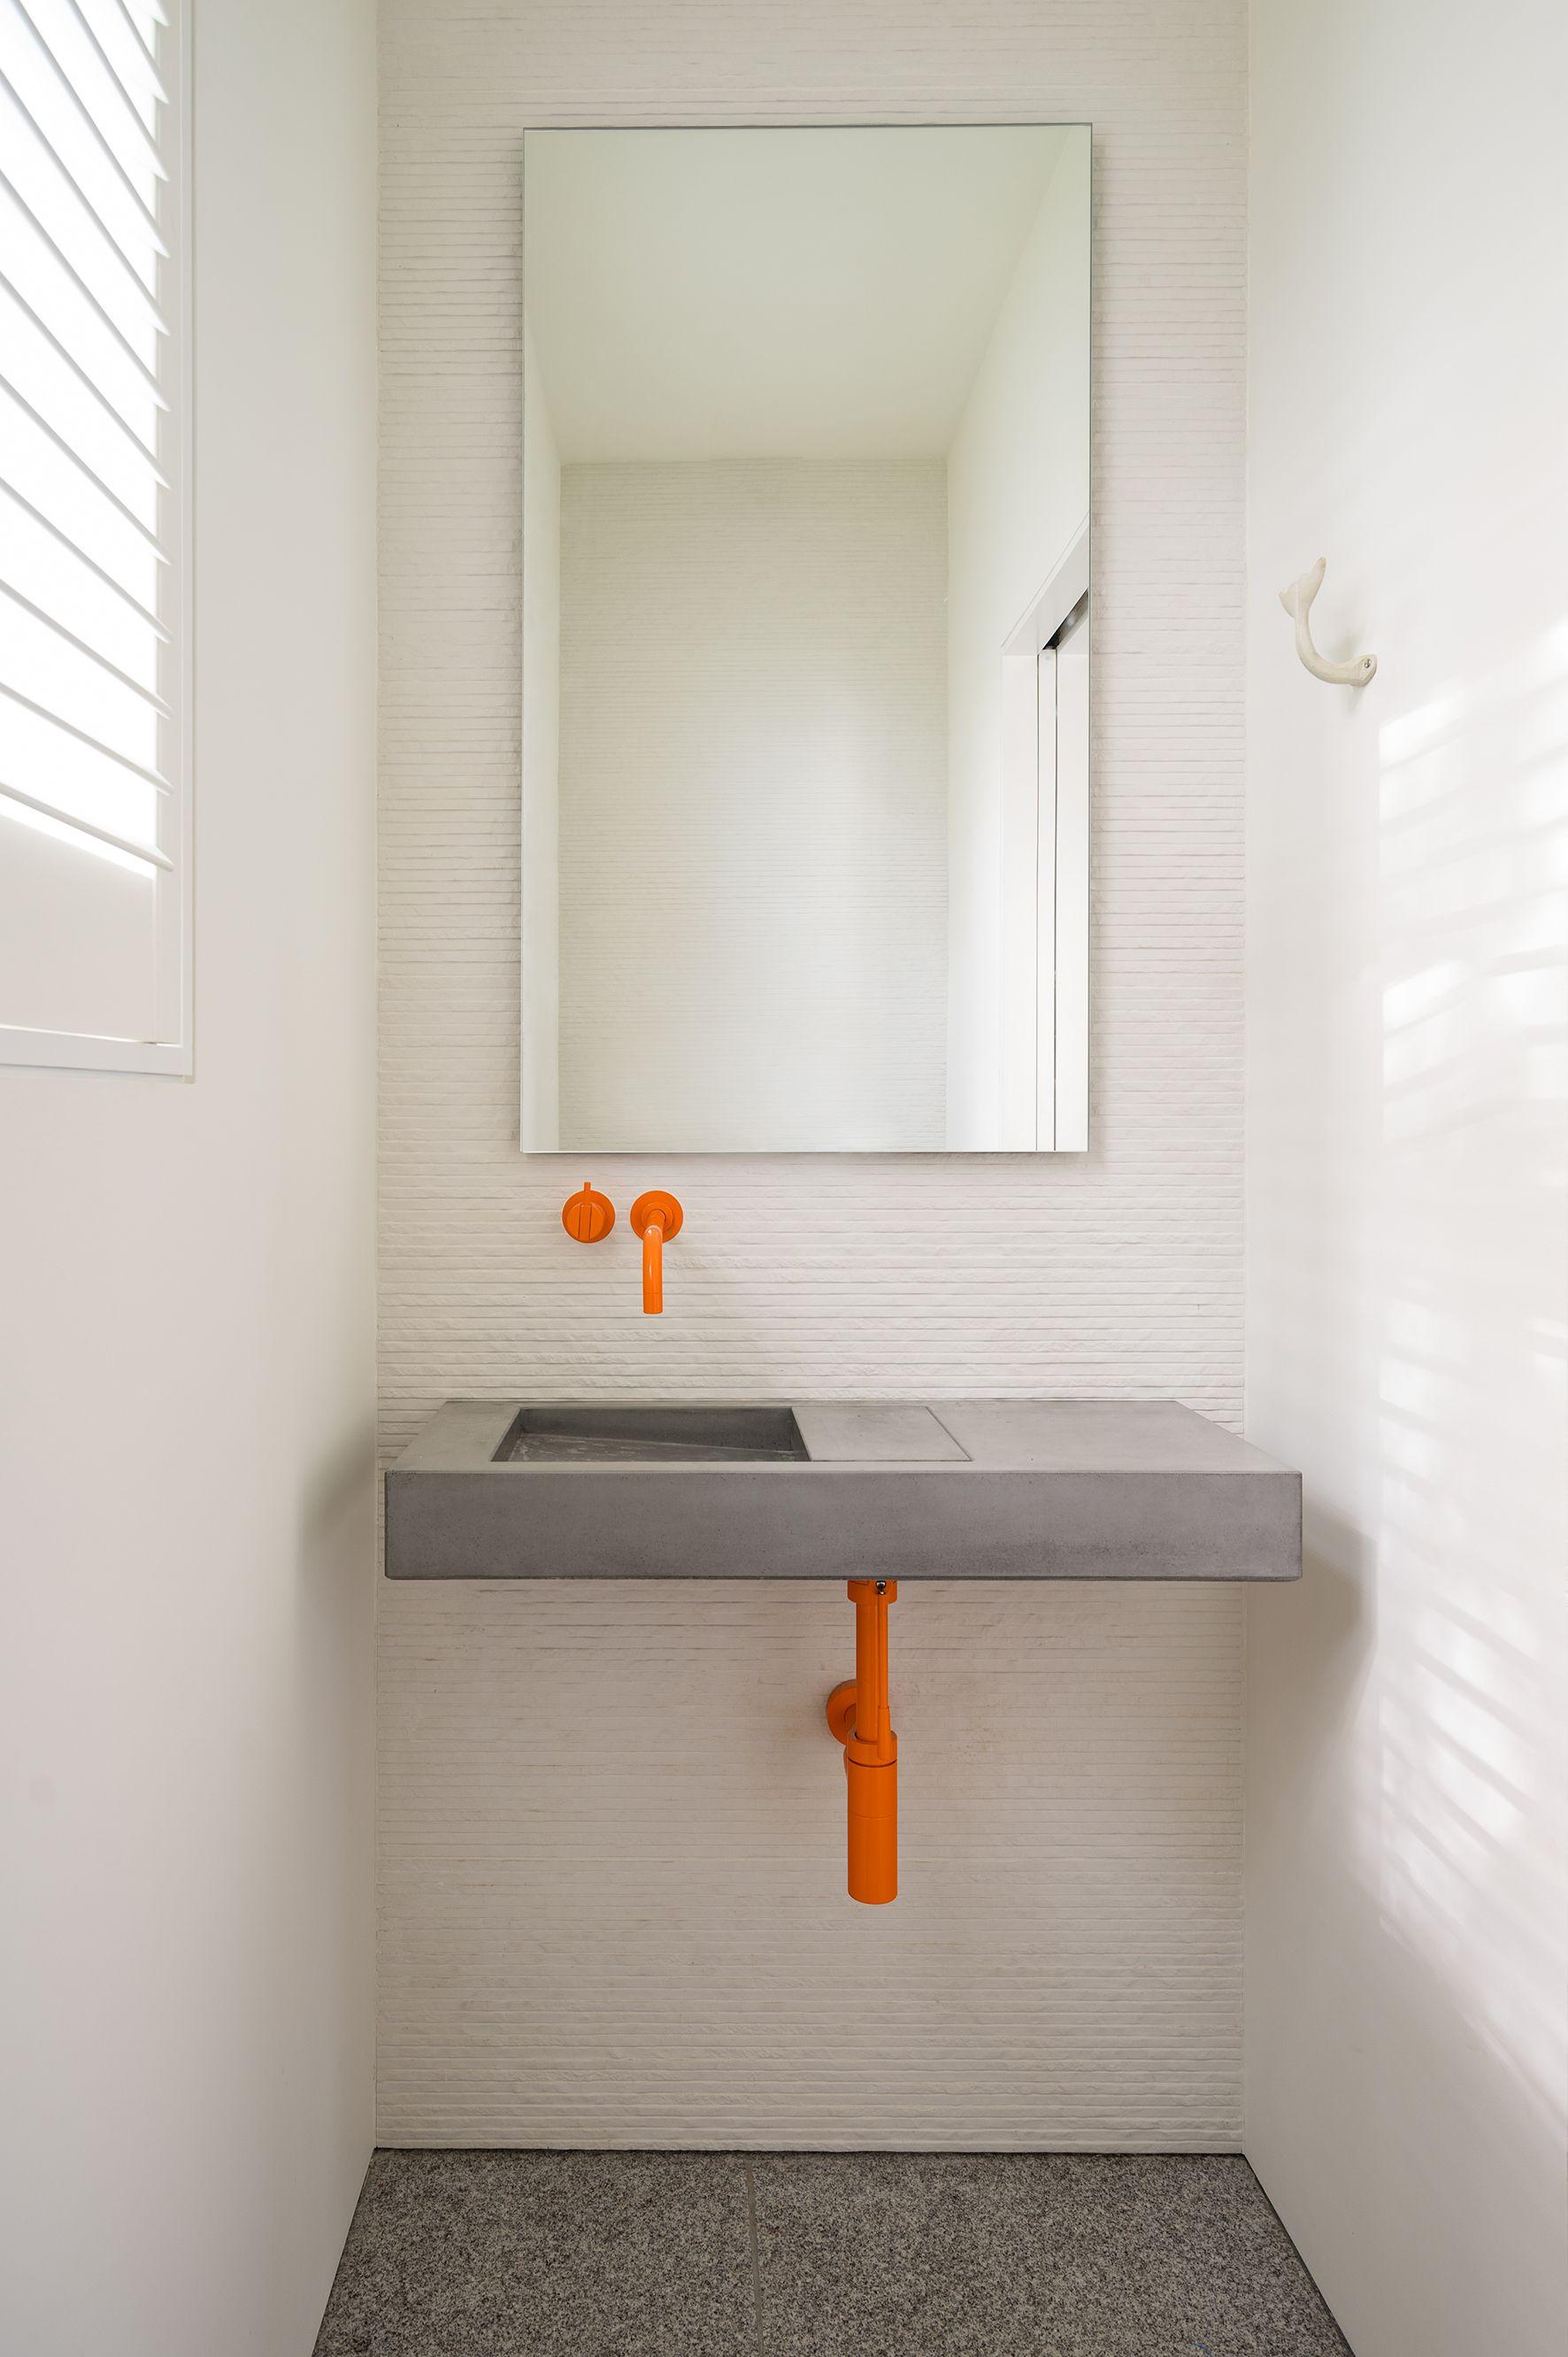 Simple minimal bathroom design by Marthau0027s Vineyard